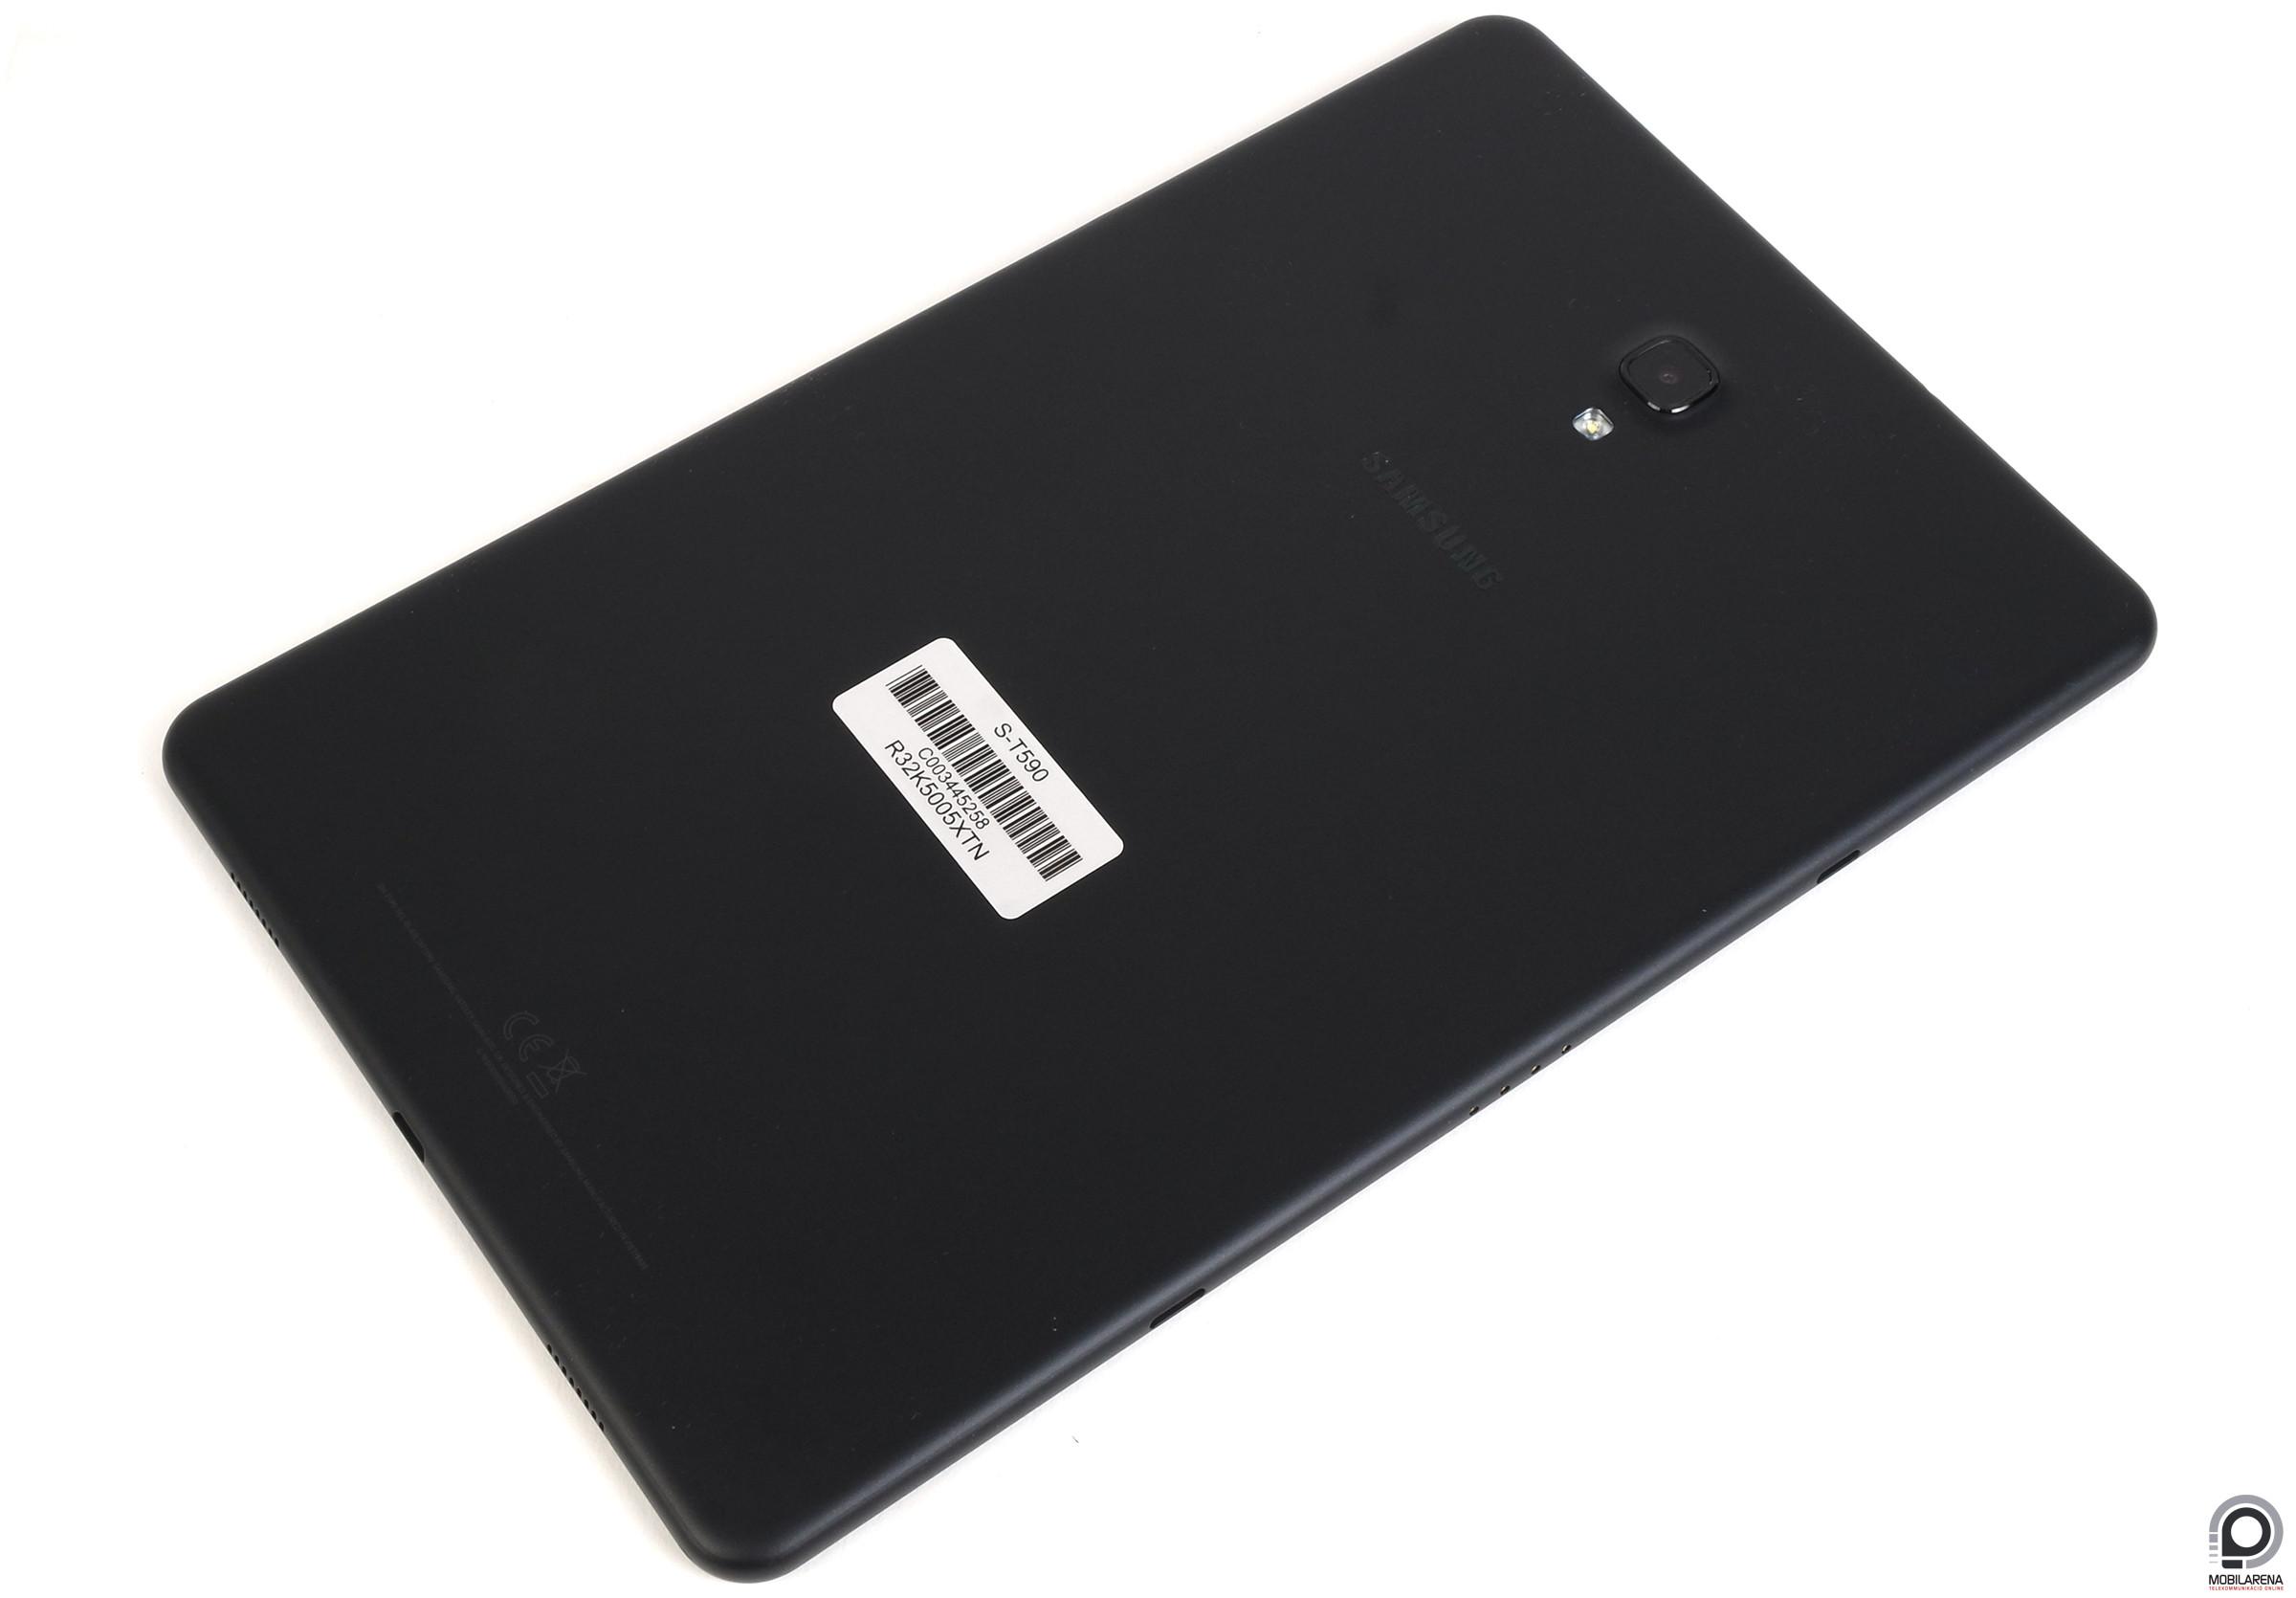 Samsung Galaxy Tab A (2018) - árnyékban - Mobilarena Tablet teszt 6058f209c4